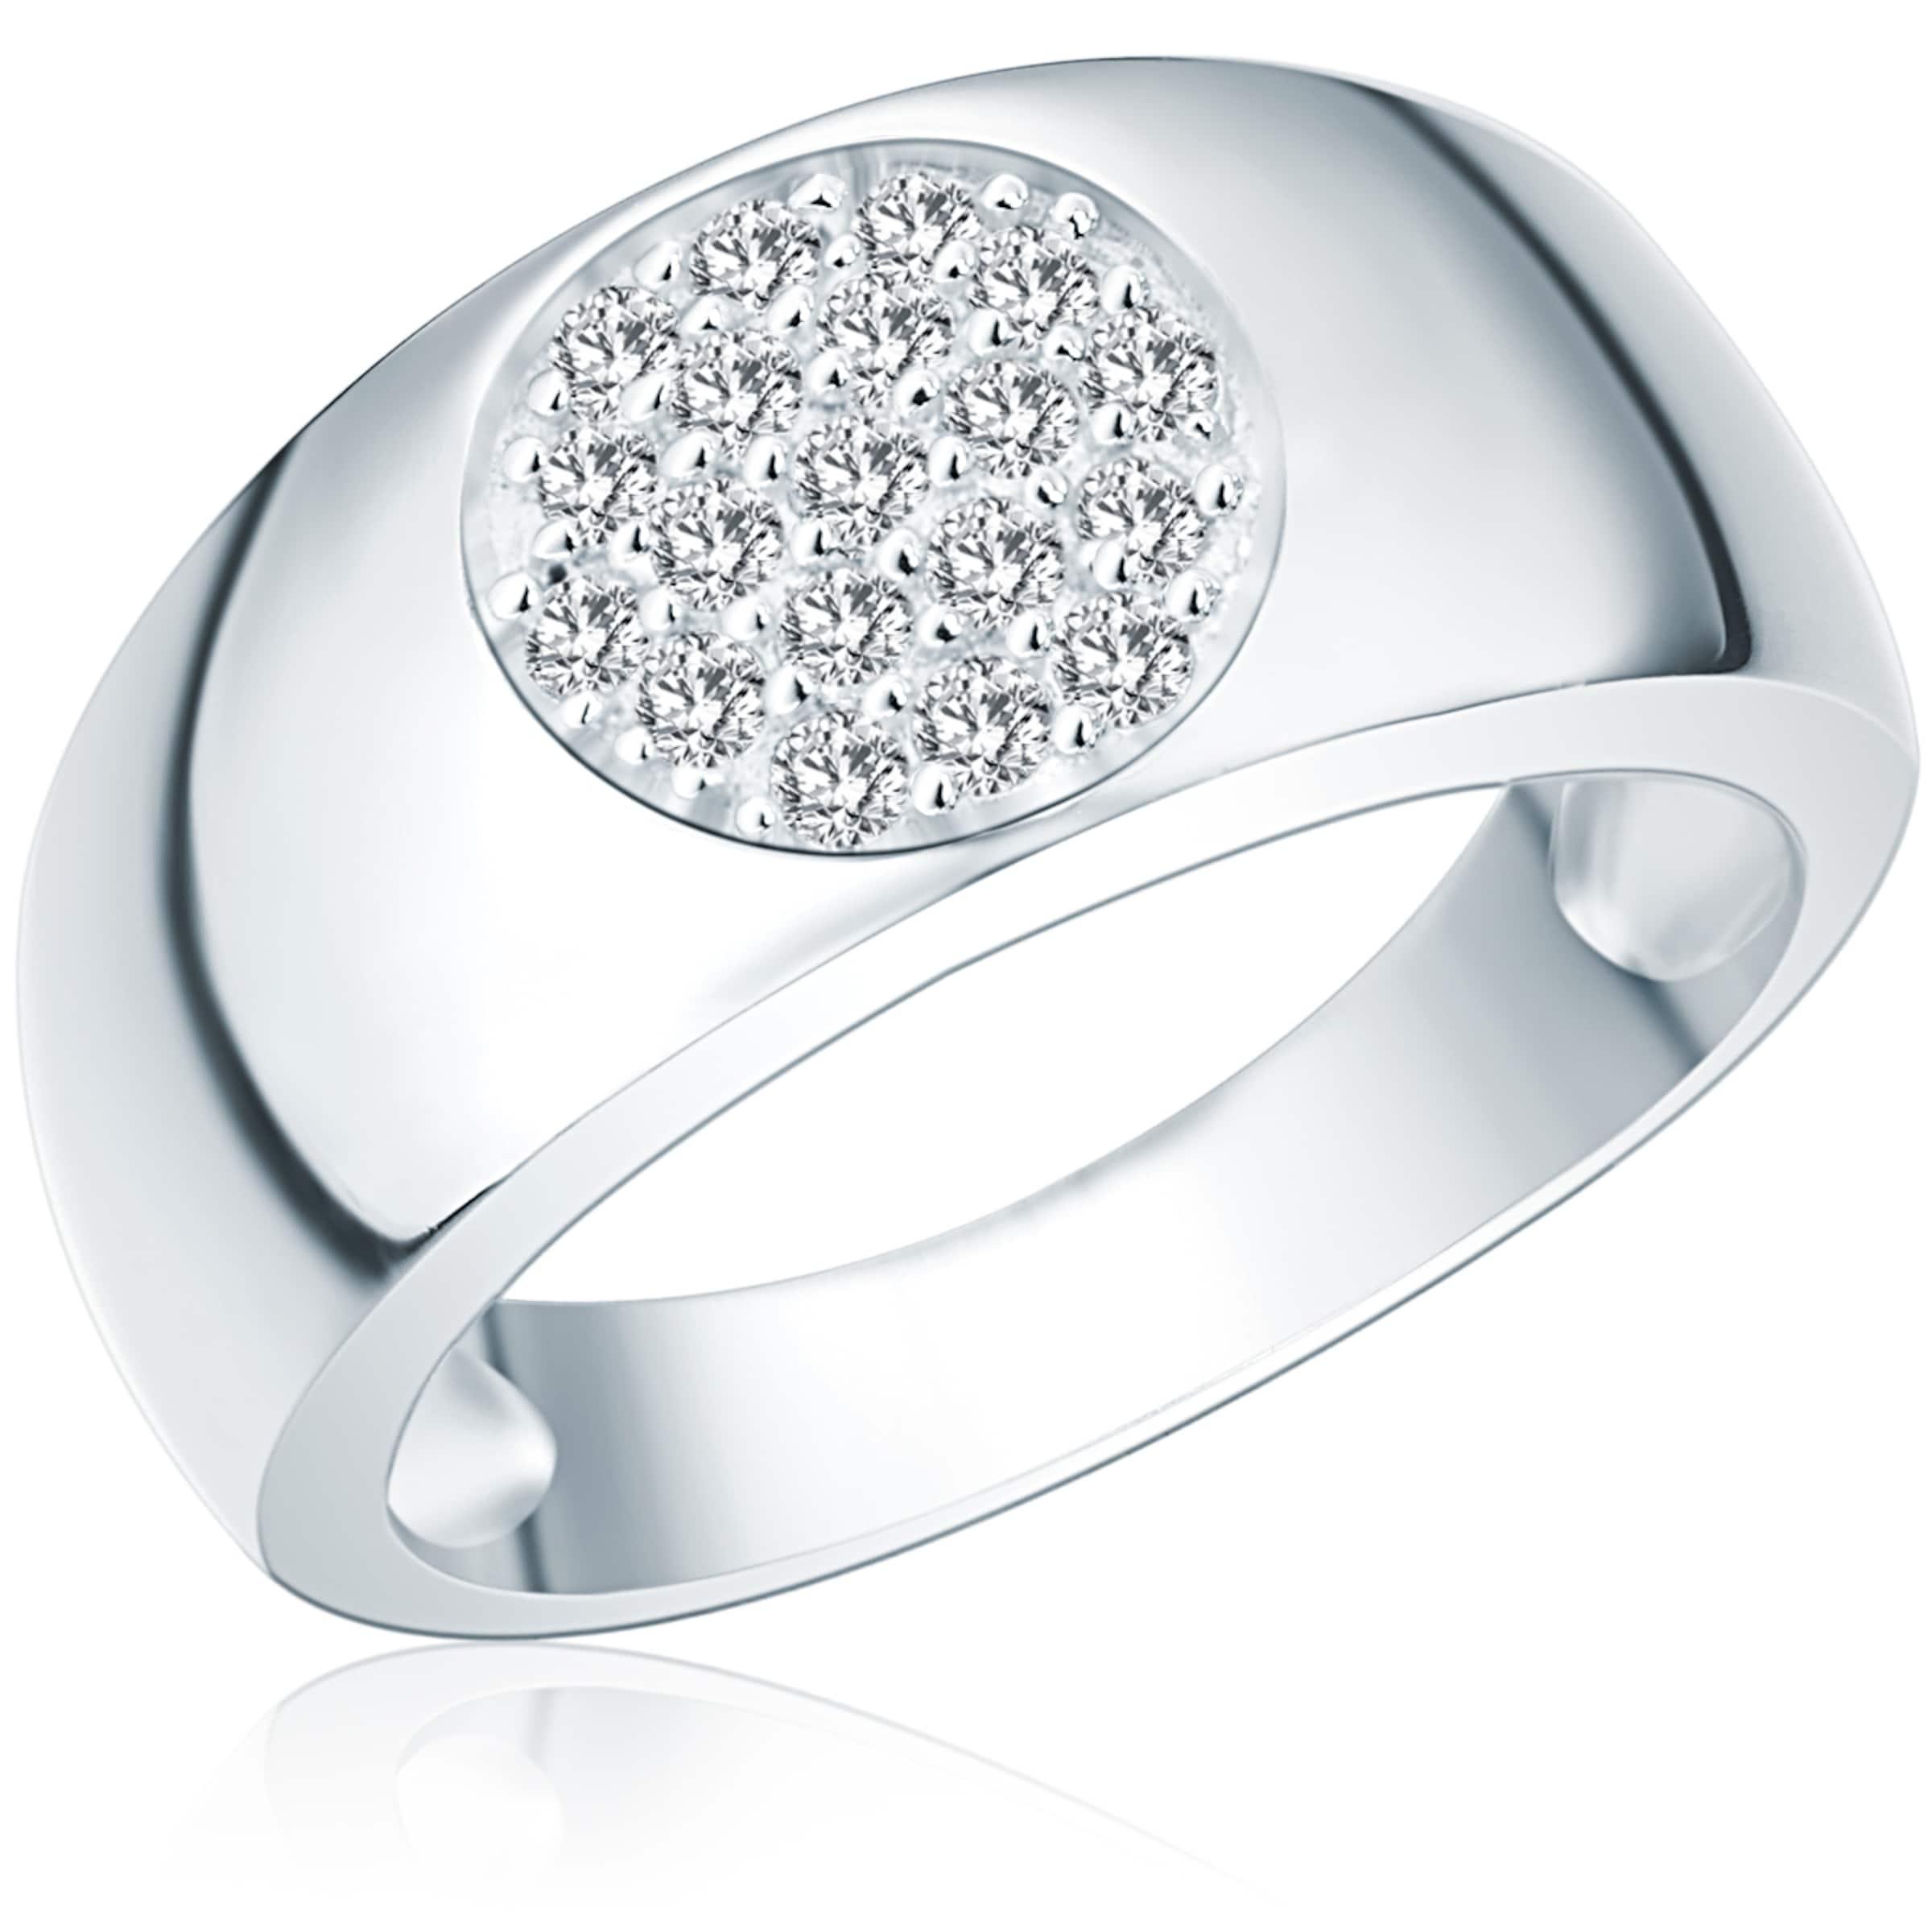 Silber In Rafaela Donata Donata Ring Rafaela oChdxtsBQr